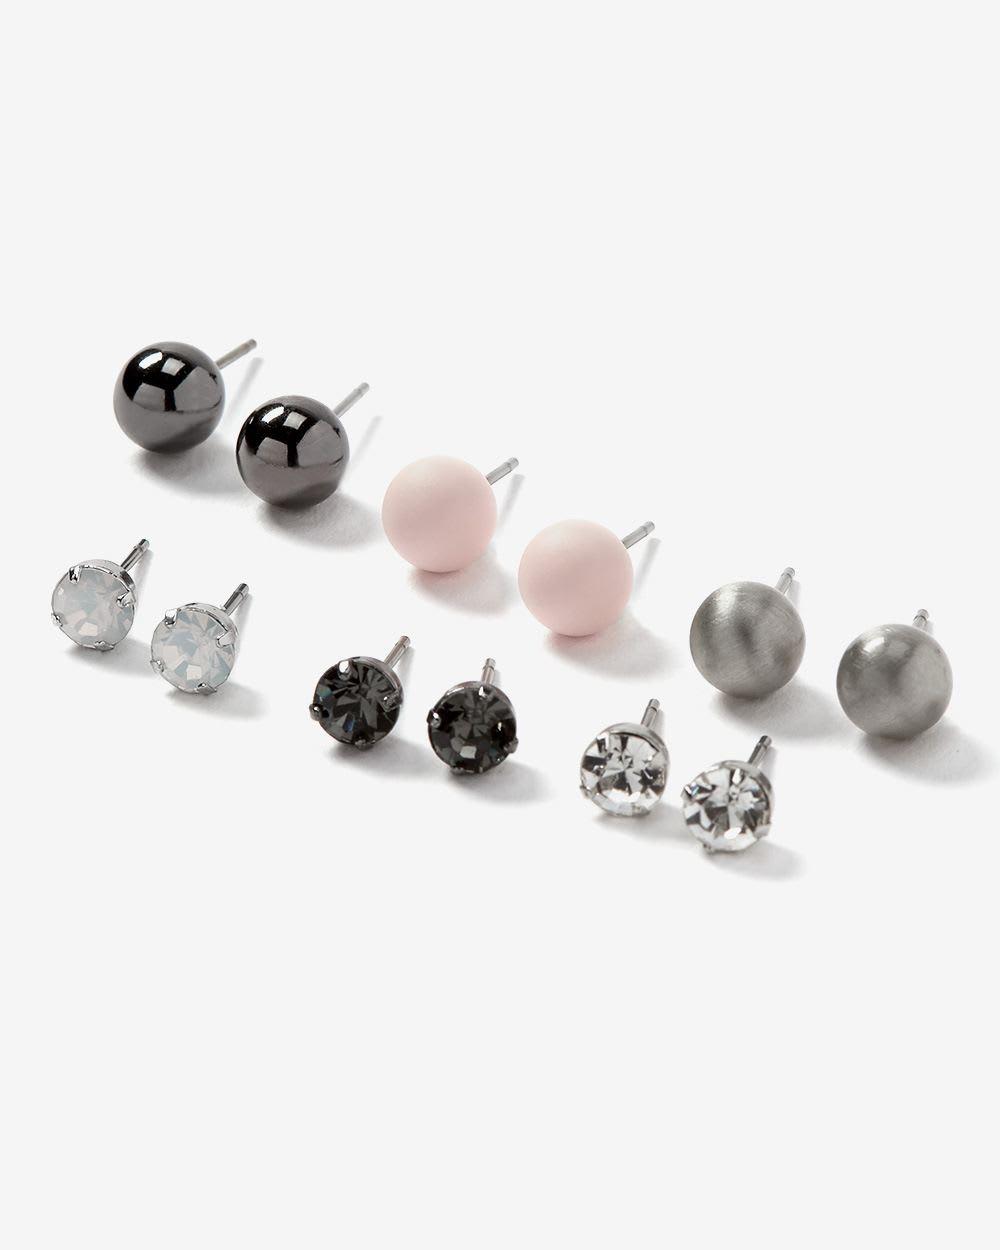 6-Pair Set of Stud Earrings